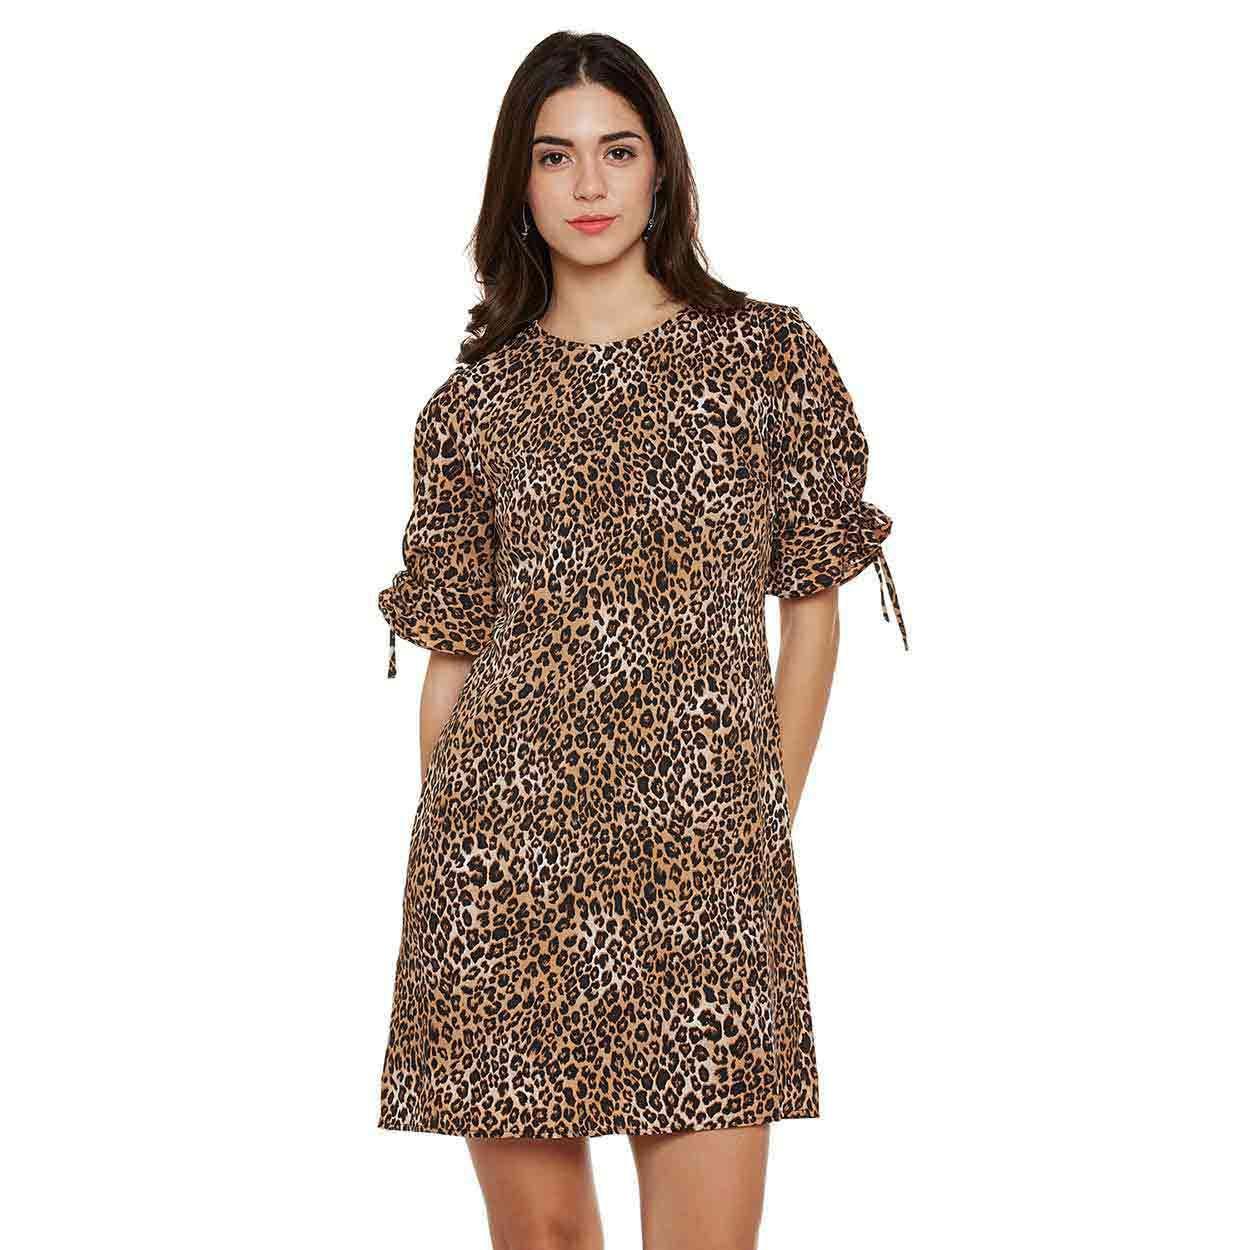 0dd3c597f5 Buy Oxolloxo Animal Print Shift Dress